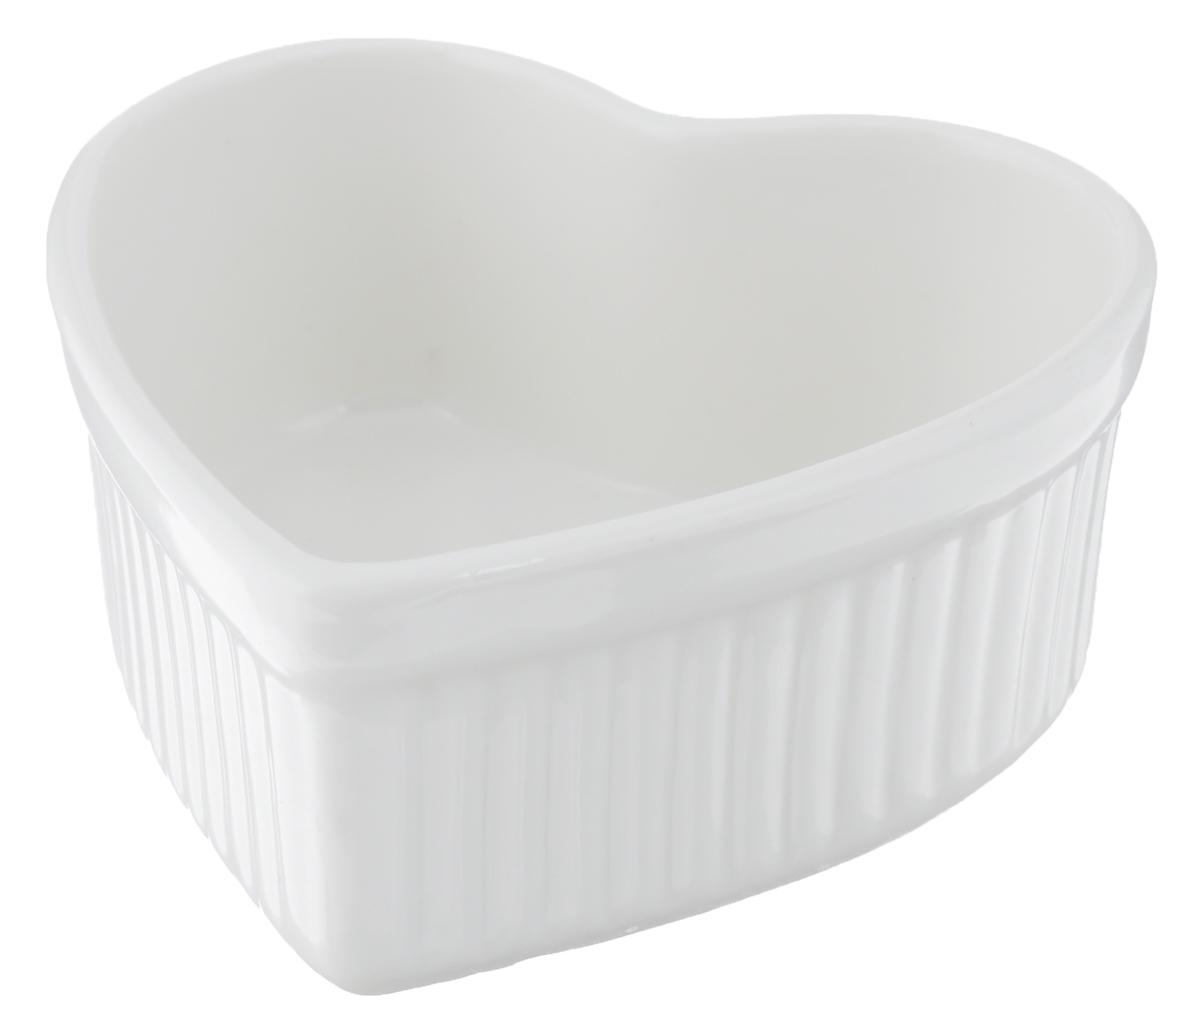 Горшок для запекания Walmer Heart, цвет: белый, 9 х 10 смFS-91909Горшок для запекания Walmer Heart изготовлен из высококачественного фарфора и оформлен в форме сердца. Изделие подходит для запекания различных блюд и может быть использовано для подачи на стол.Такое изделие станет отличным дополнением к вашему кухонному инвентарю, а также украсит сервировку стола и подчеркнет прекрасный вкус хозяина. Можно использовать в микроволновой печи.Размер изделия : 9 х 10 х 4 см.